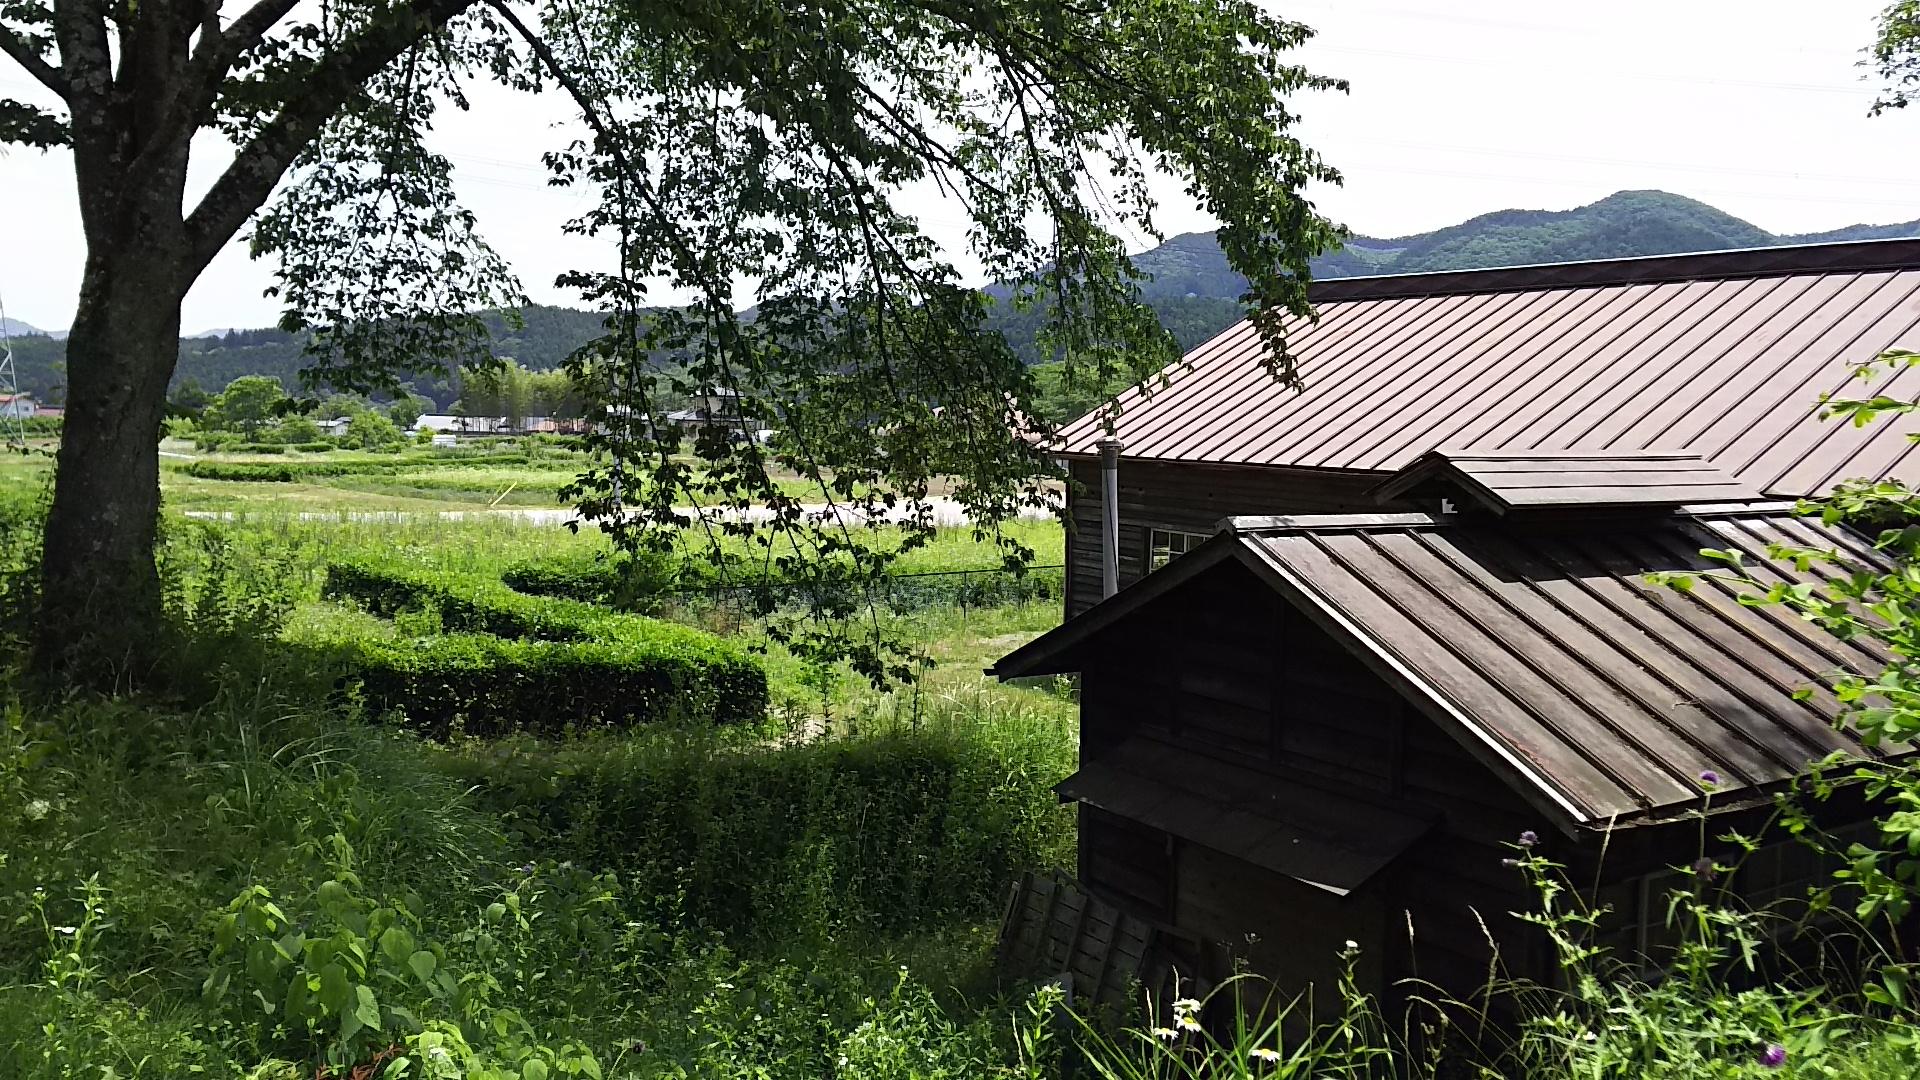 DSC_0723daigouwaokaooarai (17)